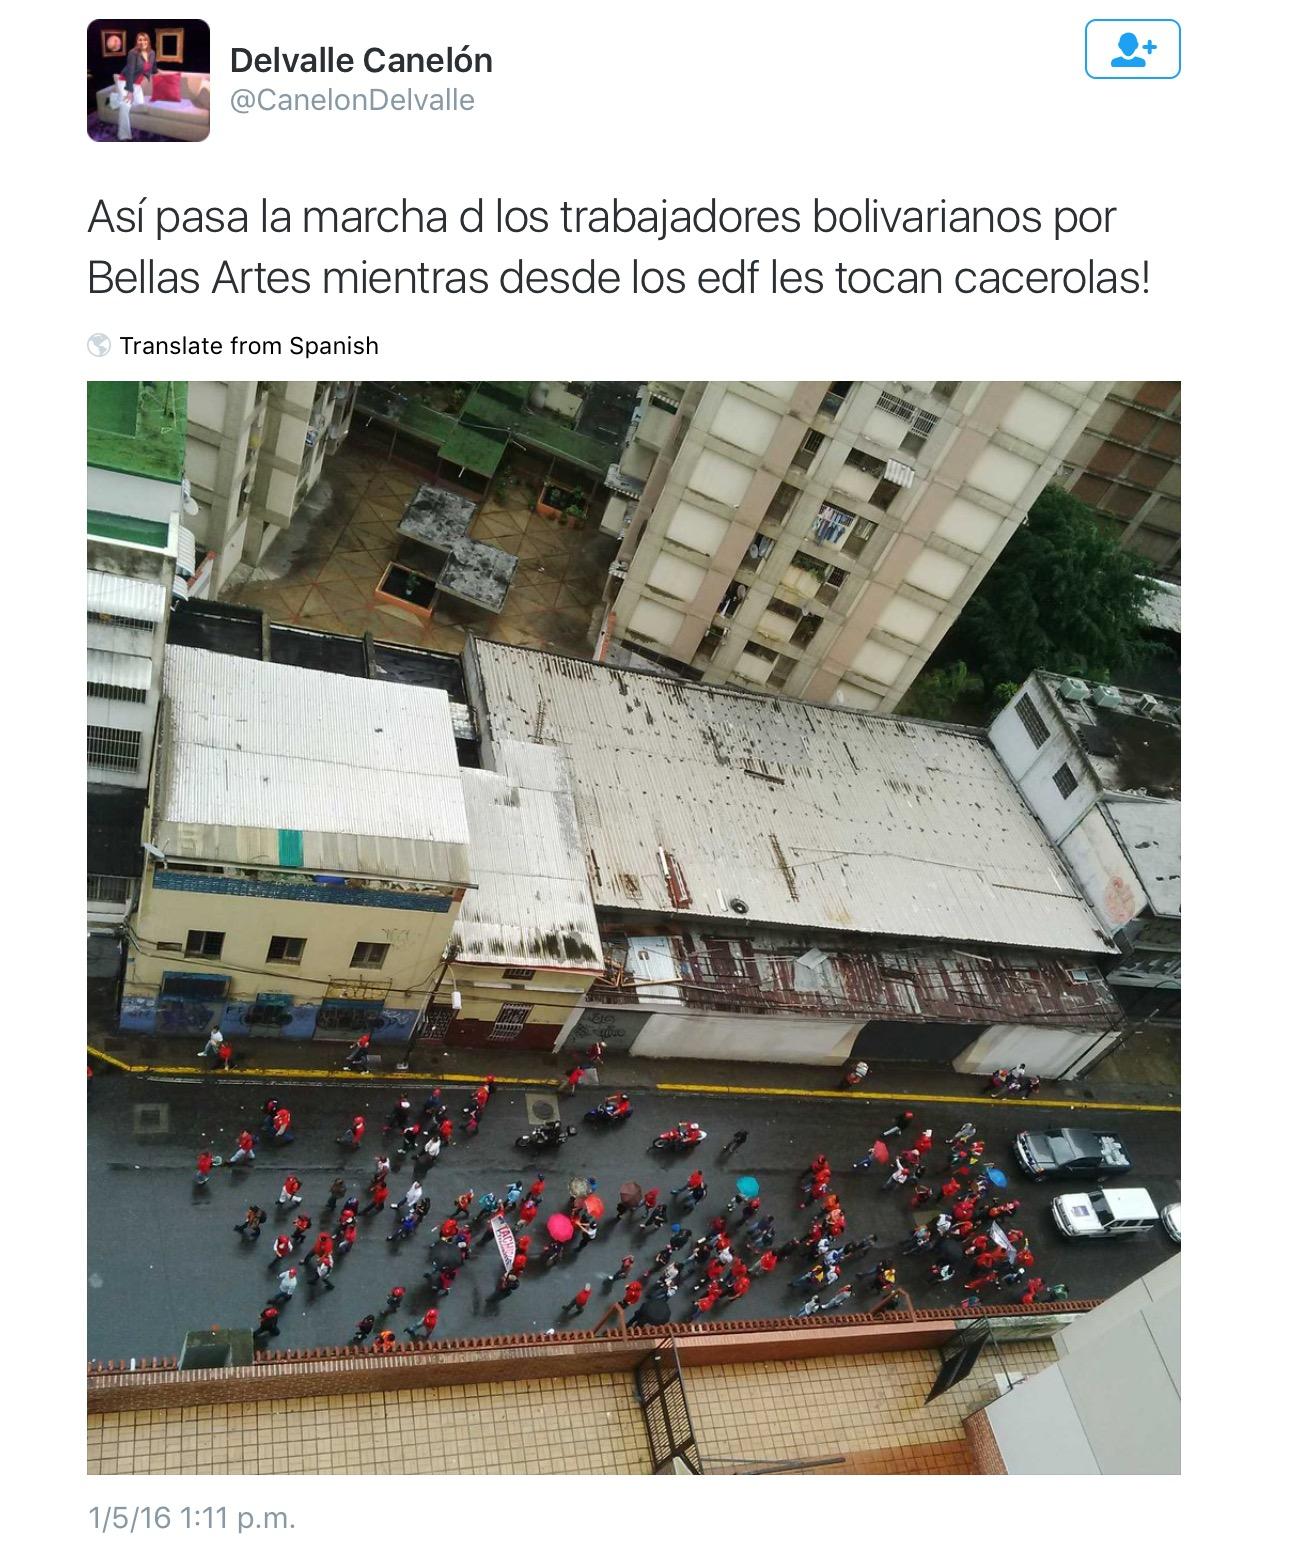 Canelón Del Valle, Twitter